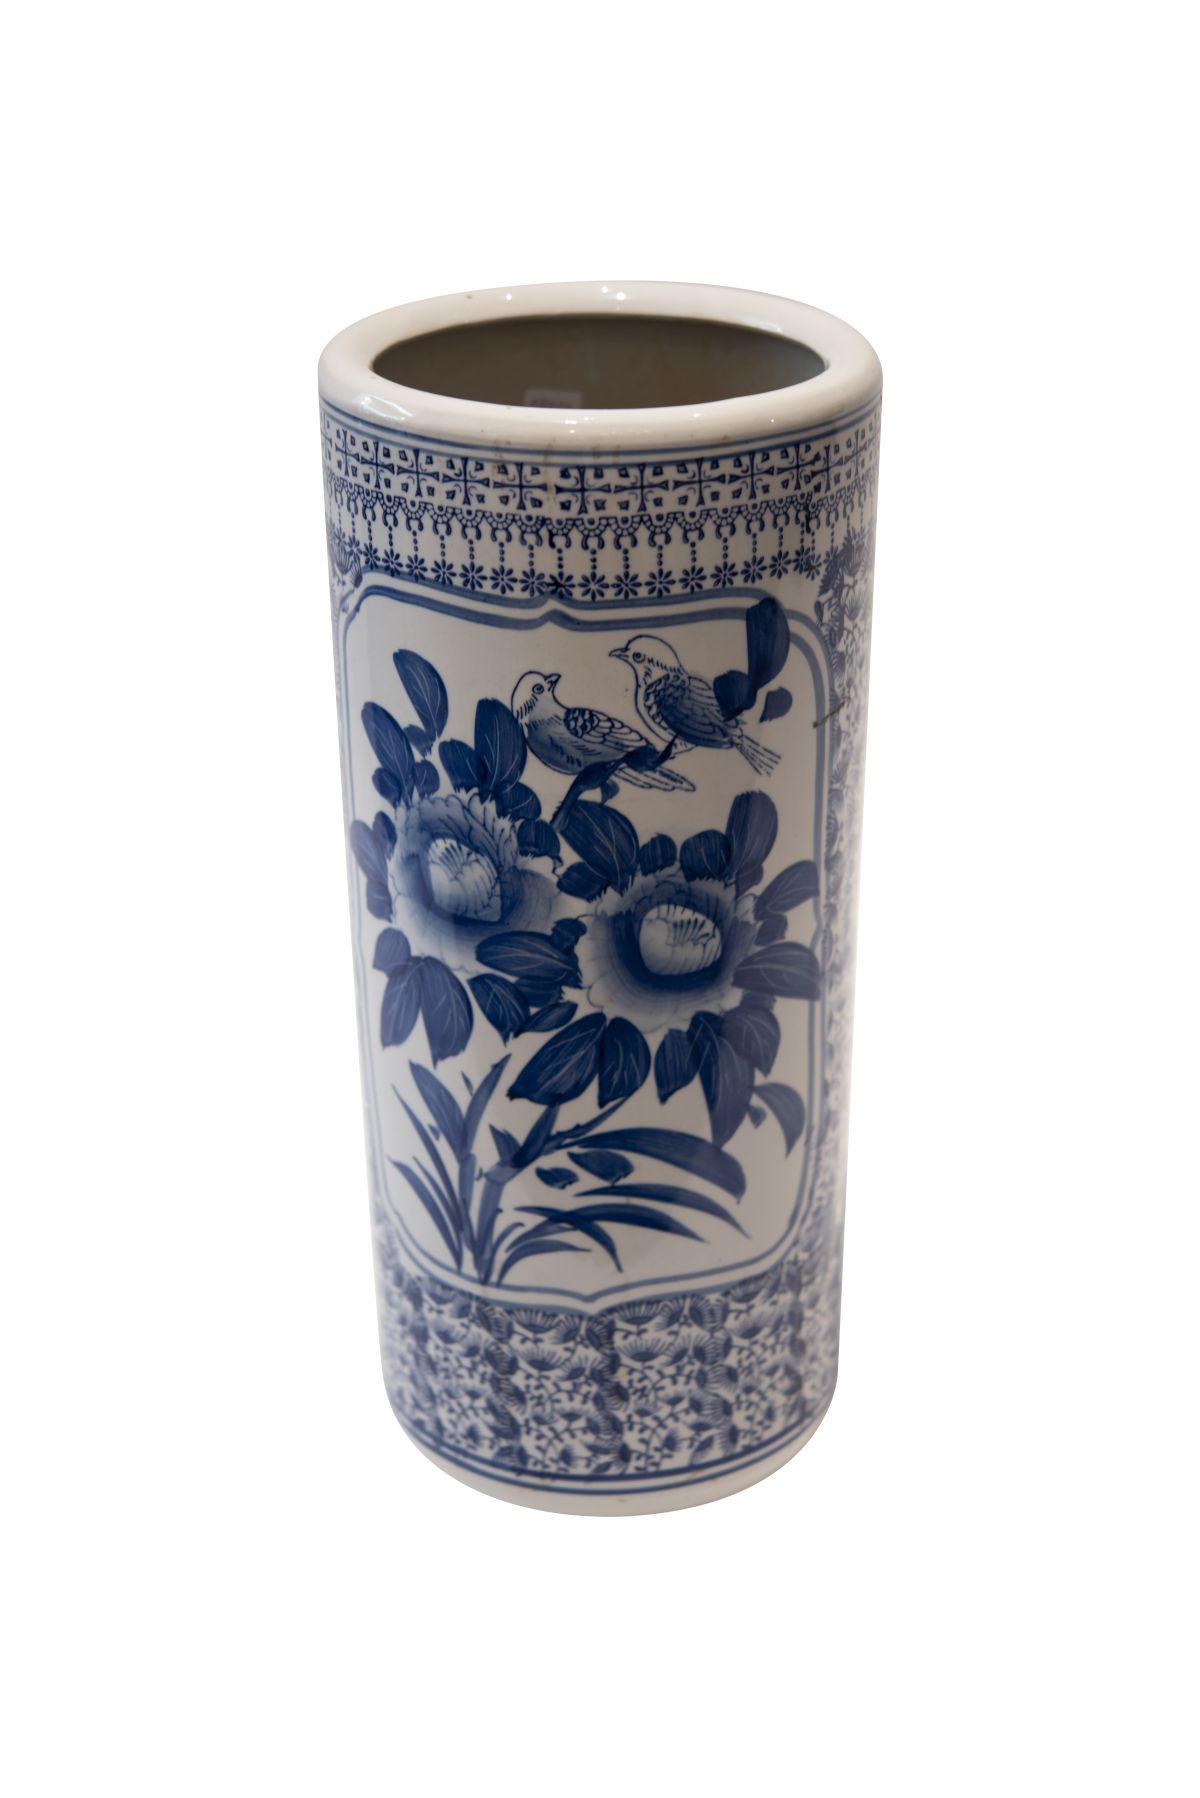 #46 Blue and white vase | Blau-weisse Vase Image